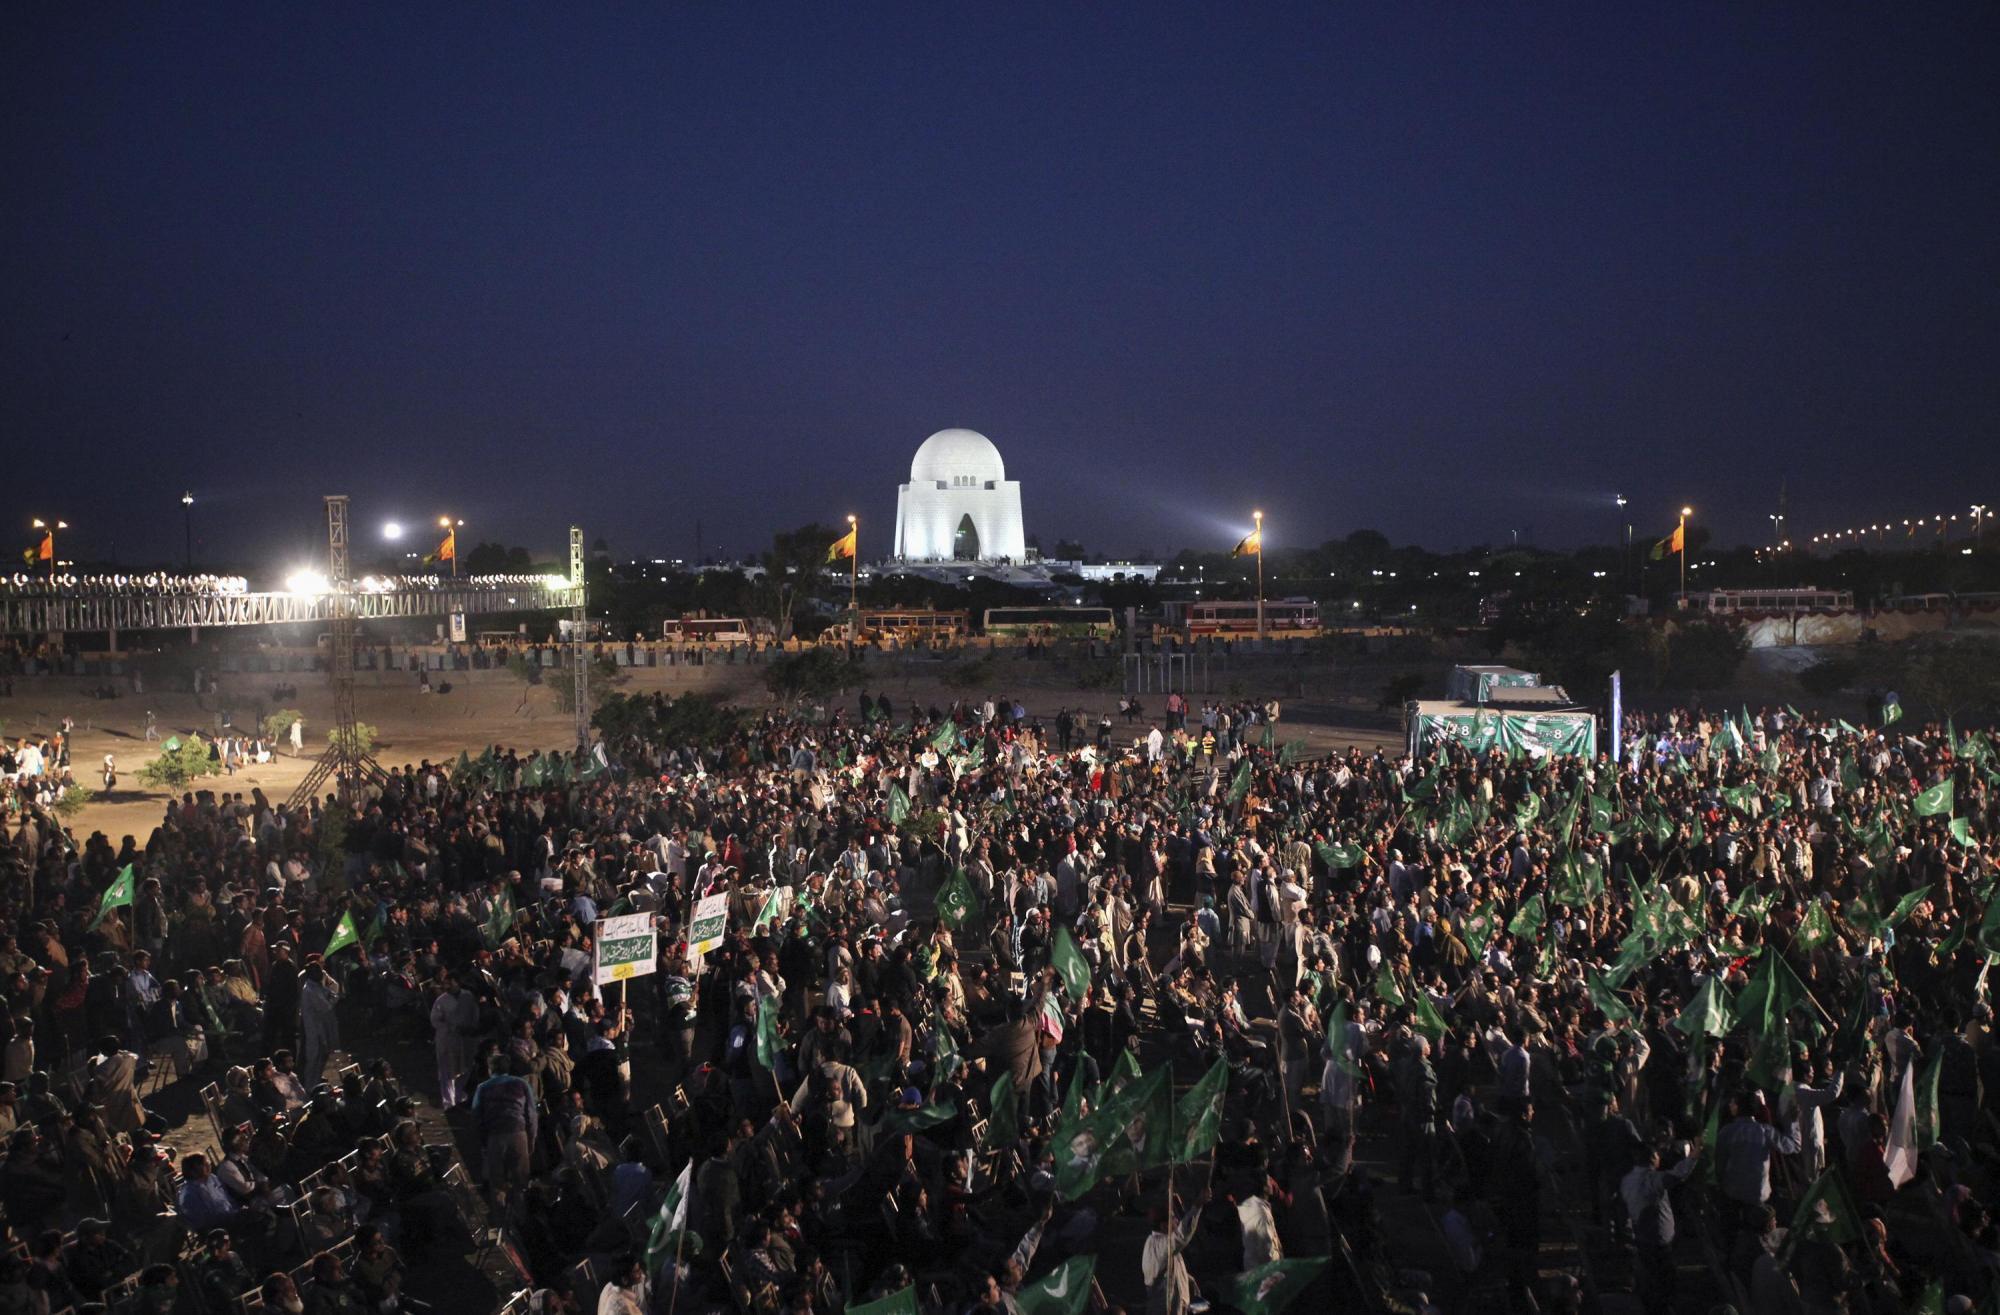 巴基斯坦前总统穆沙拉夫宣布将回国并参与议会